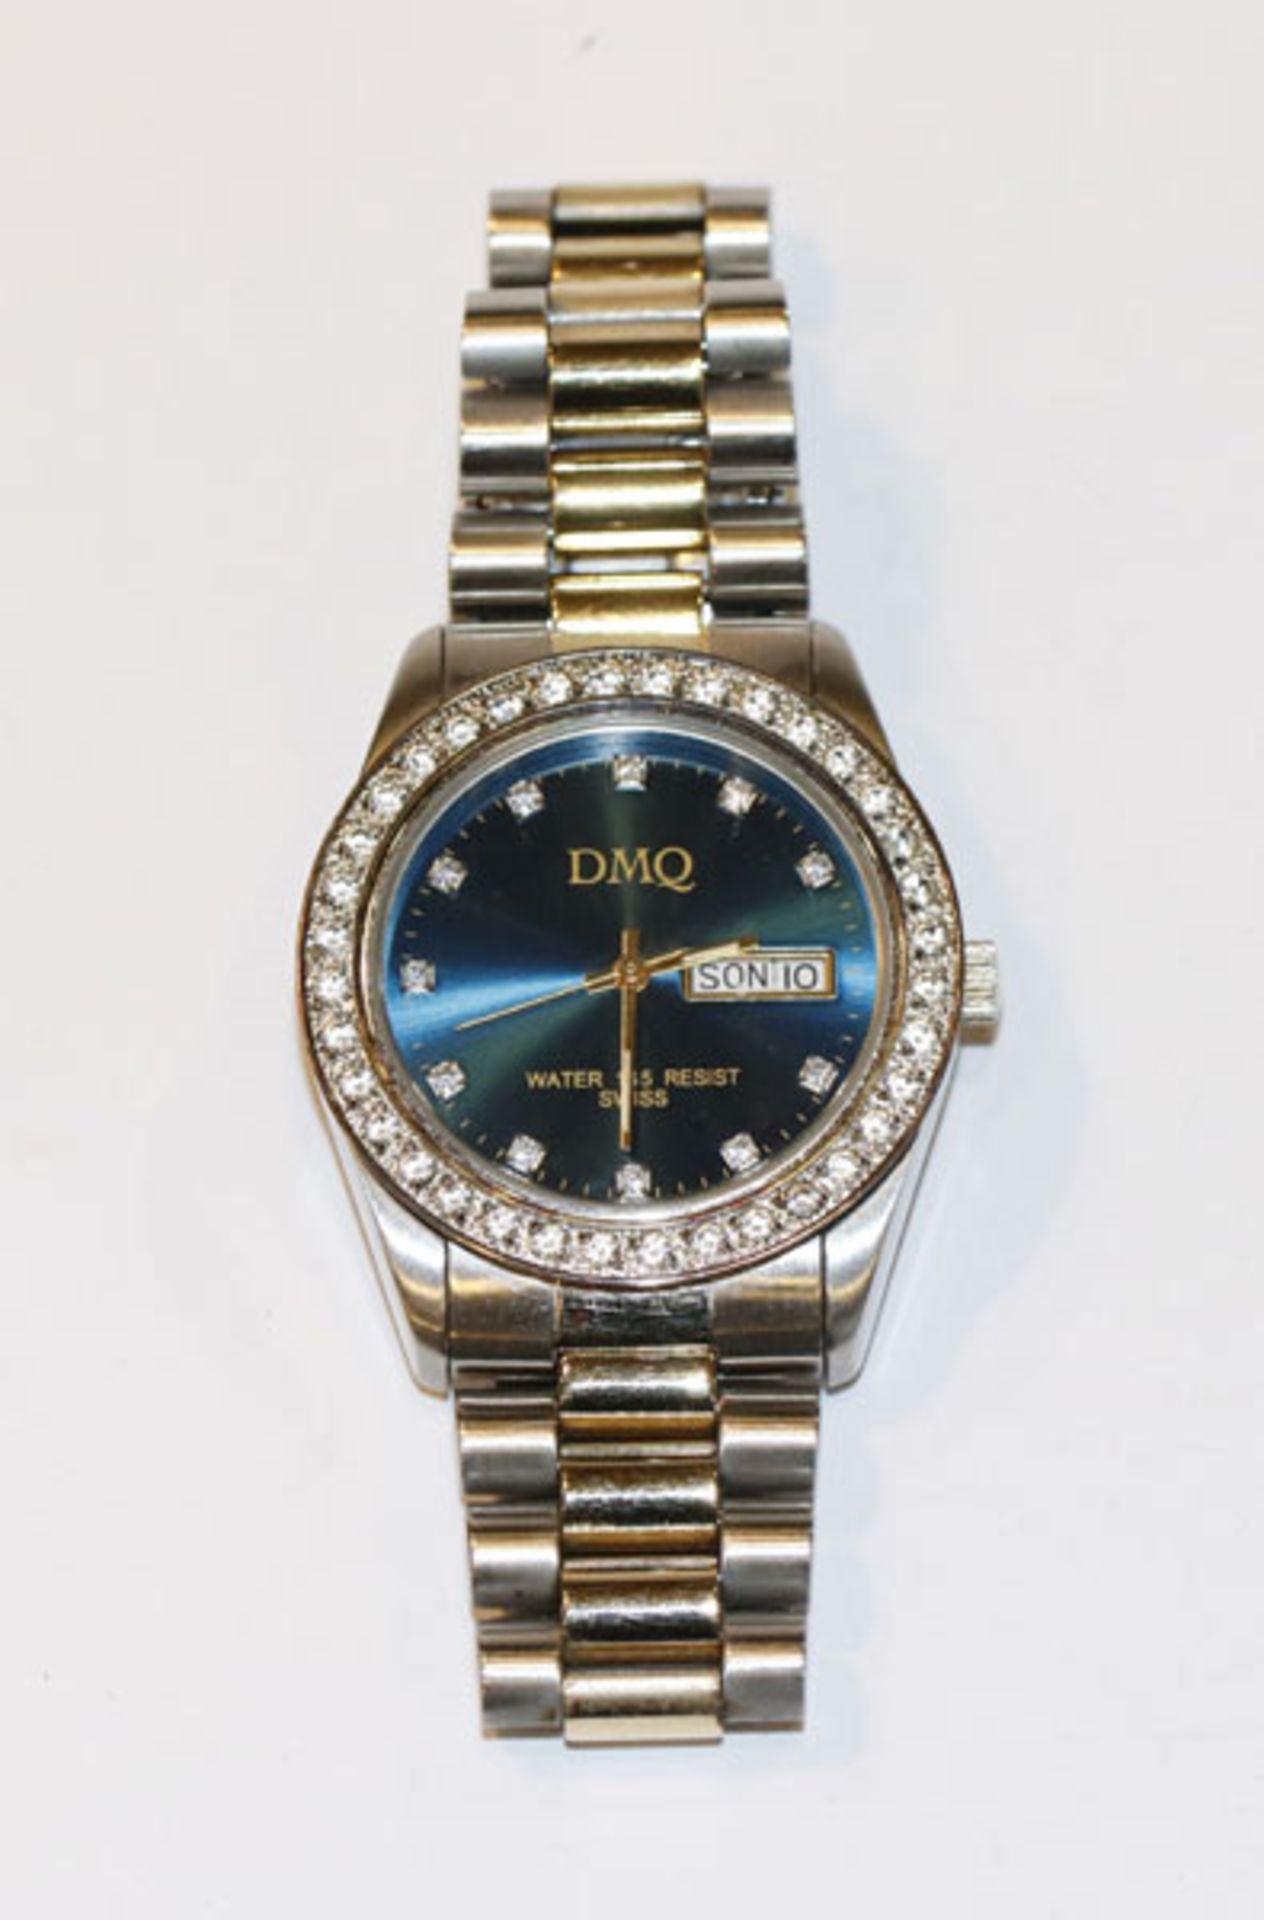 DMQ Herren Armbanduhr, Stahl mit Tag und Datumsanzeige, blaues Zifferblatt, leichte Tragespuren